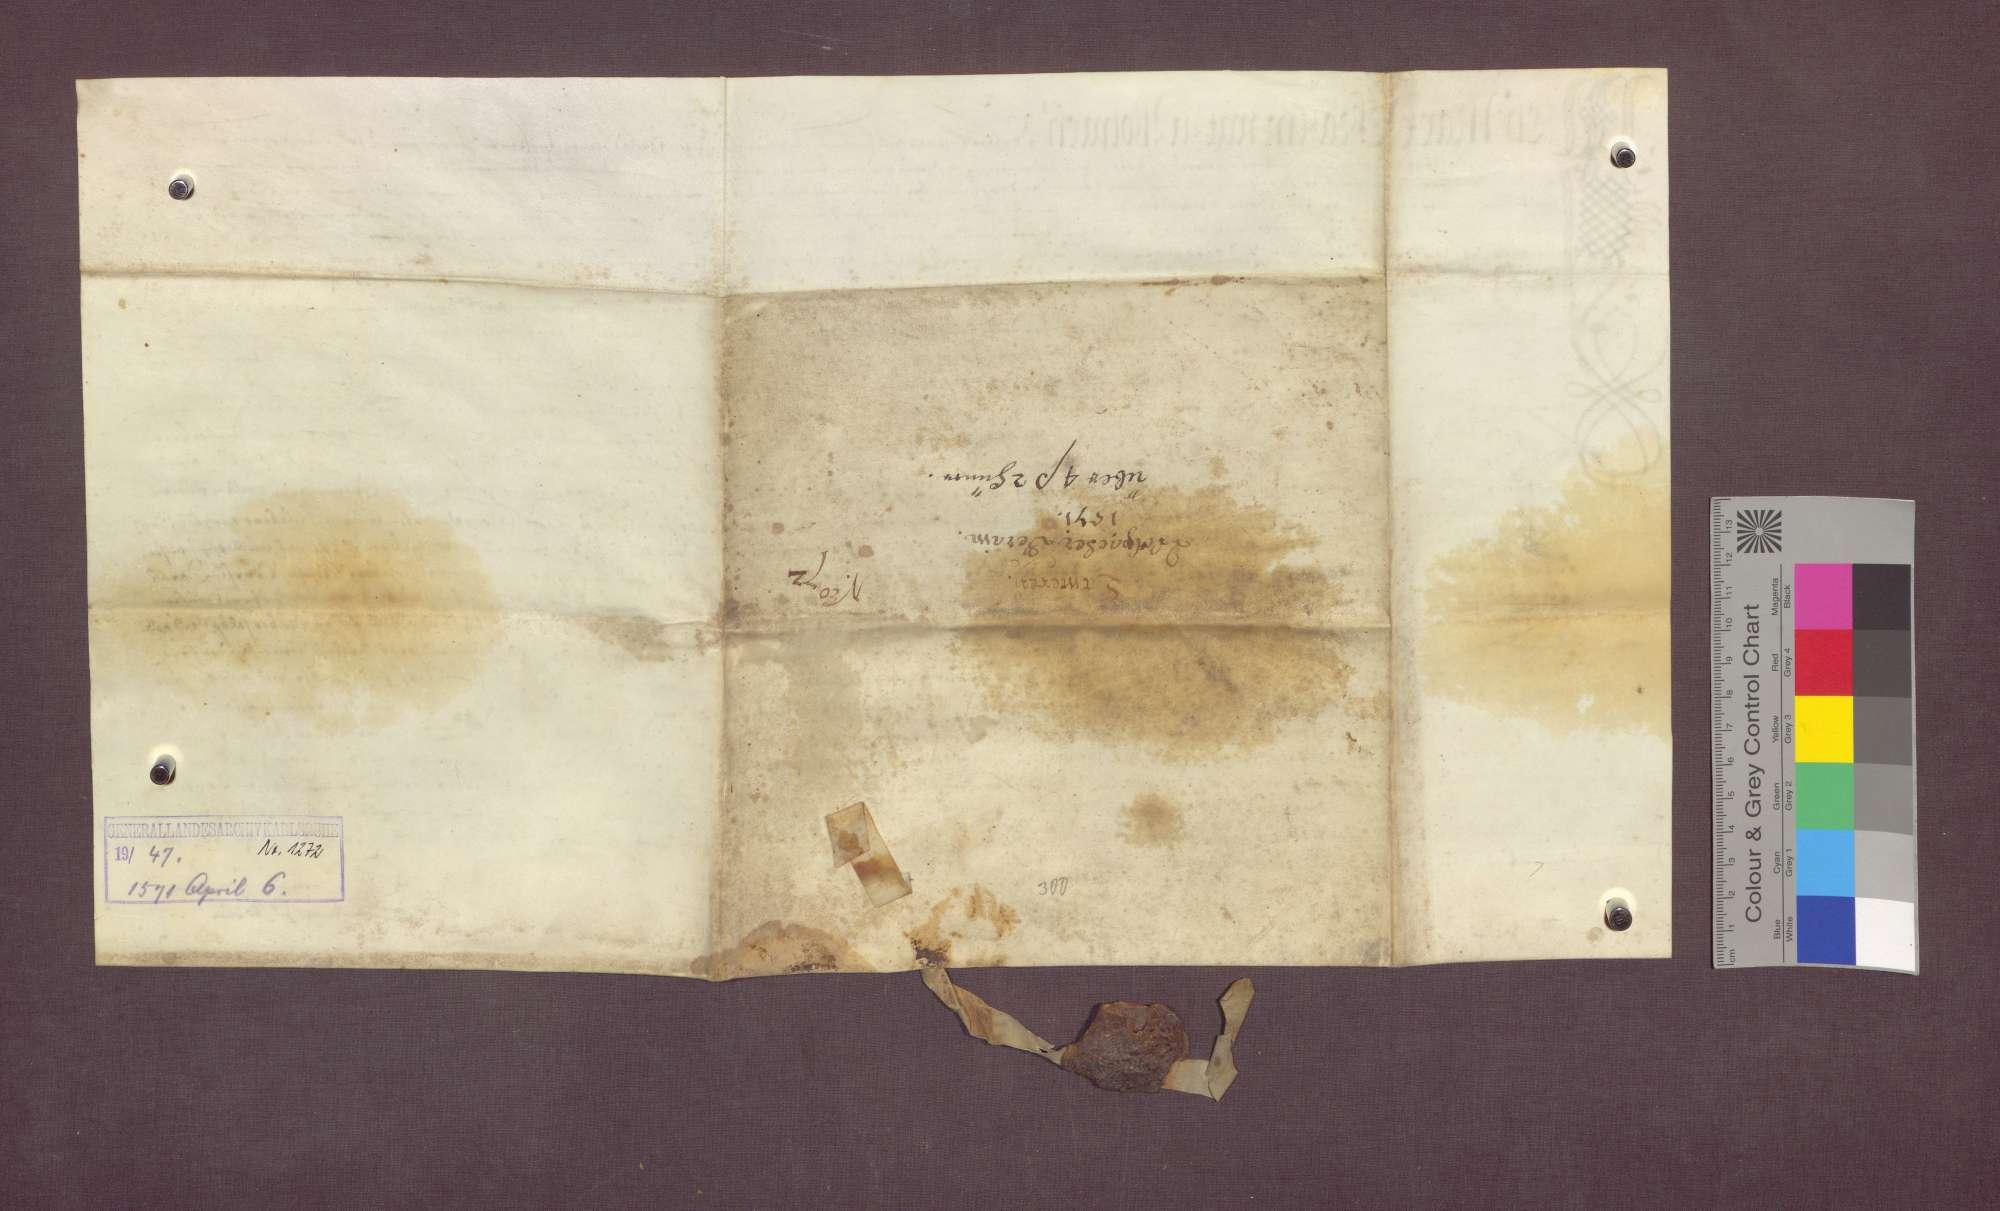 Vor dem Vogt und den Berainpersonen von Wollbach werden die Güter der Kämmerei des Domstifts Basel beraint., Bild 2